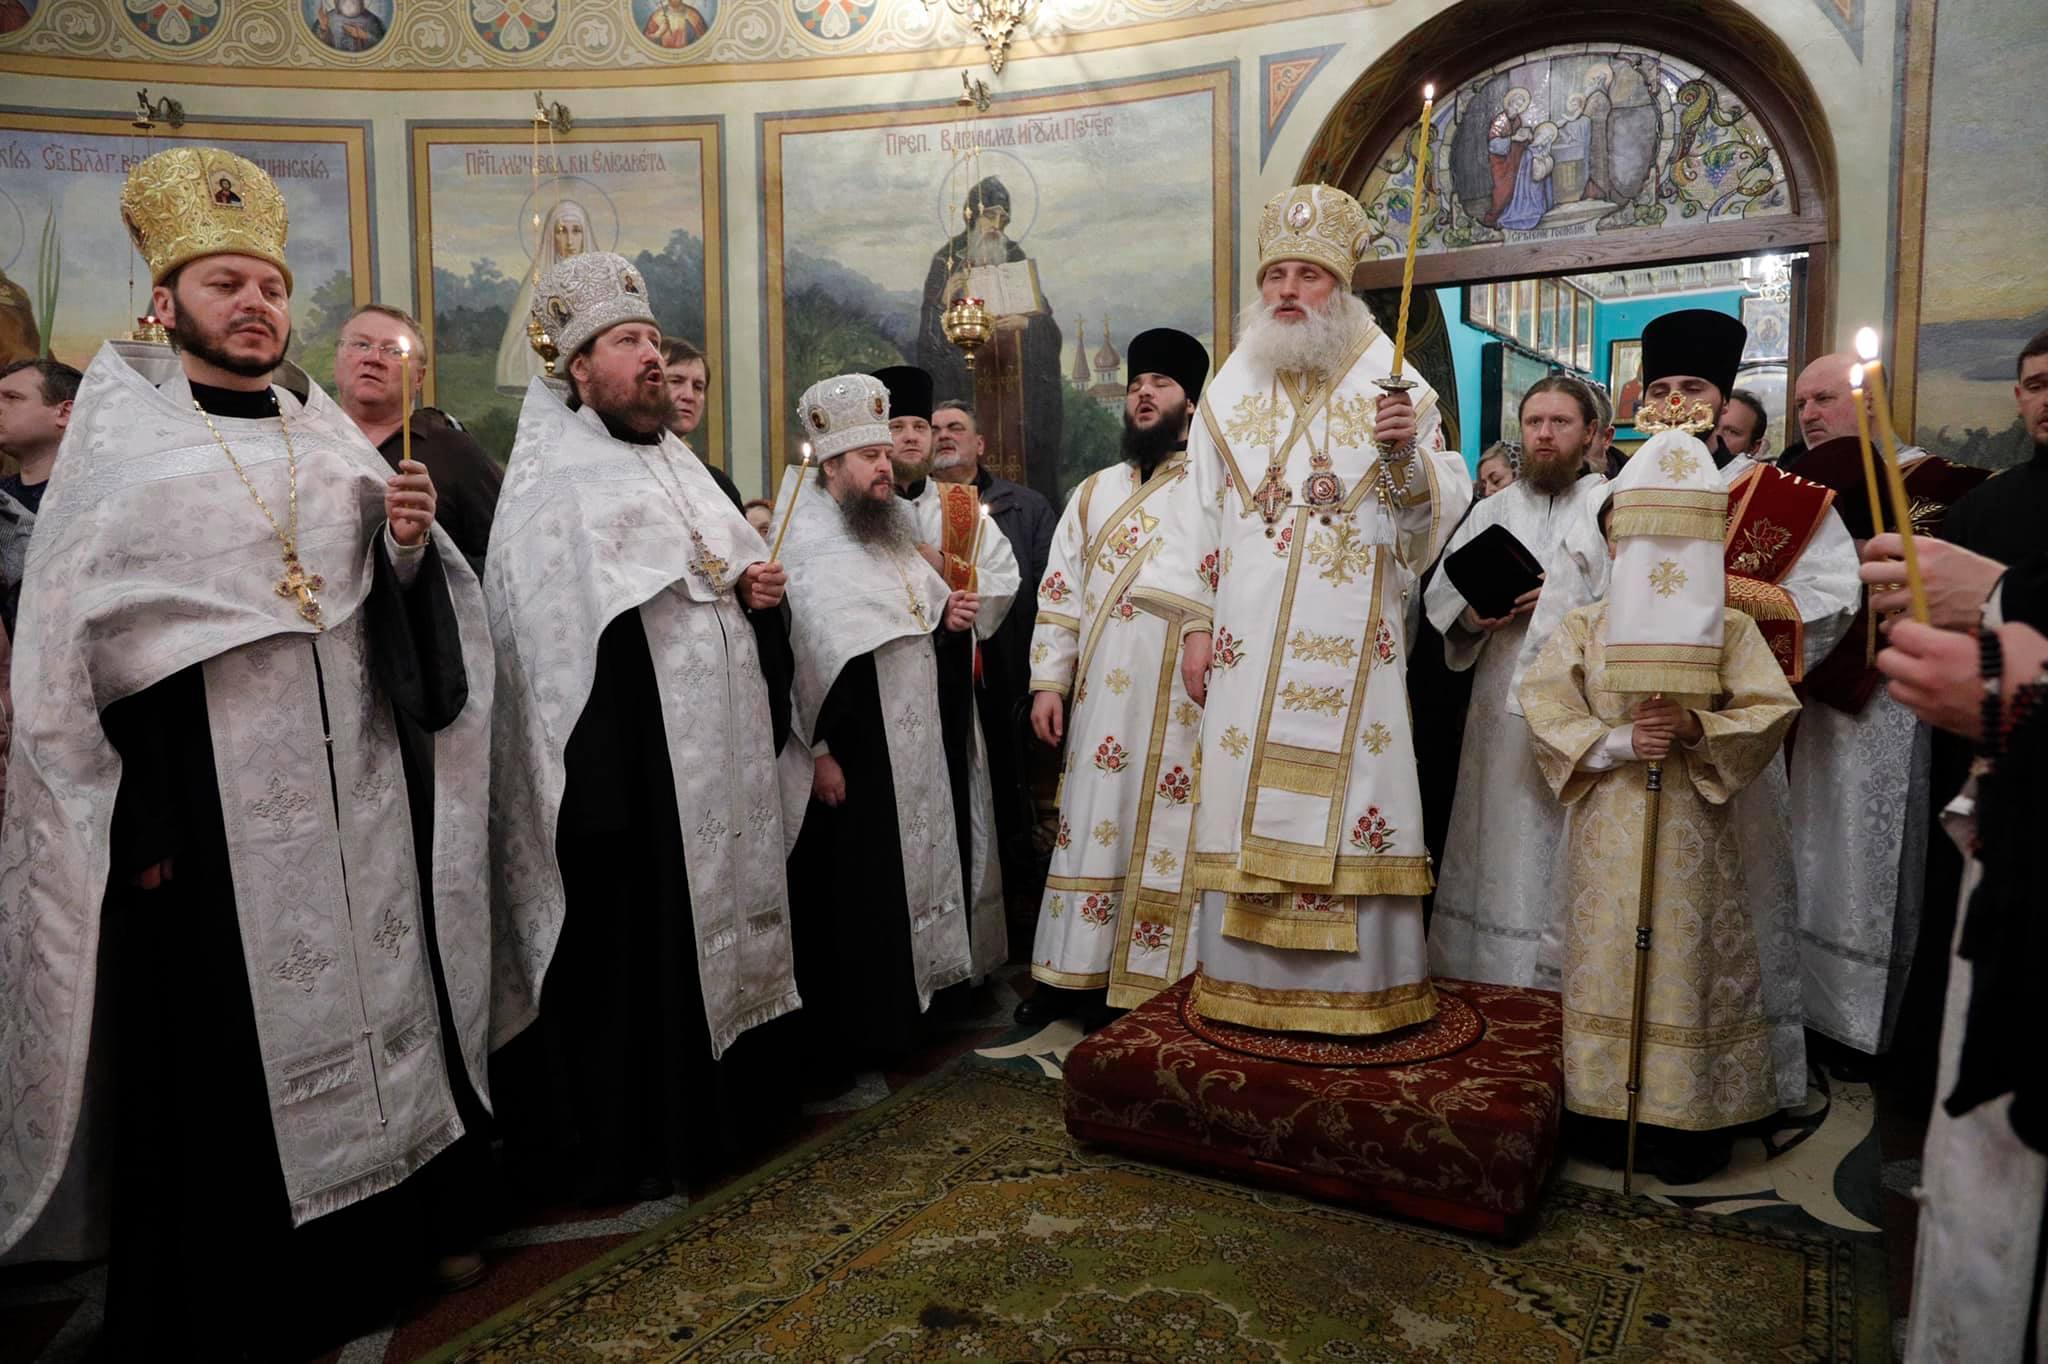 Всенощное бдение накануне недели о Страшном Суде ( Мясопустная), день памяти Святого Свящённомученика Харалампия и иже с ним свв.мученик пострадавших